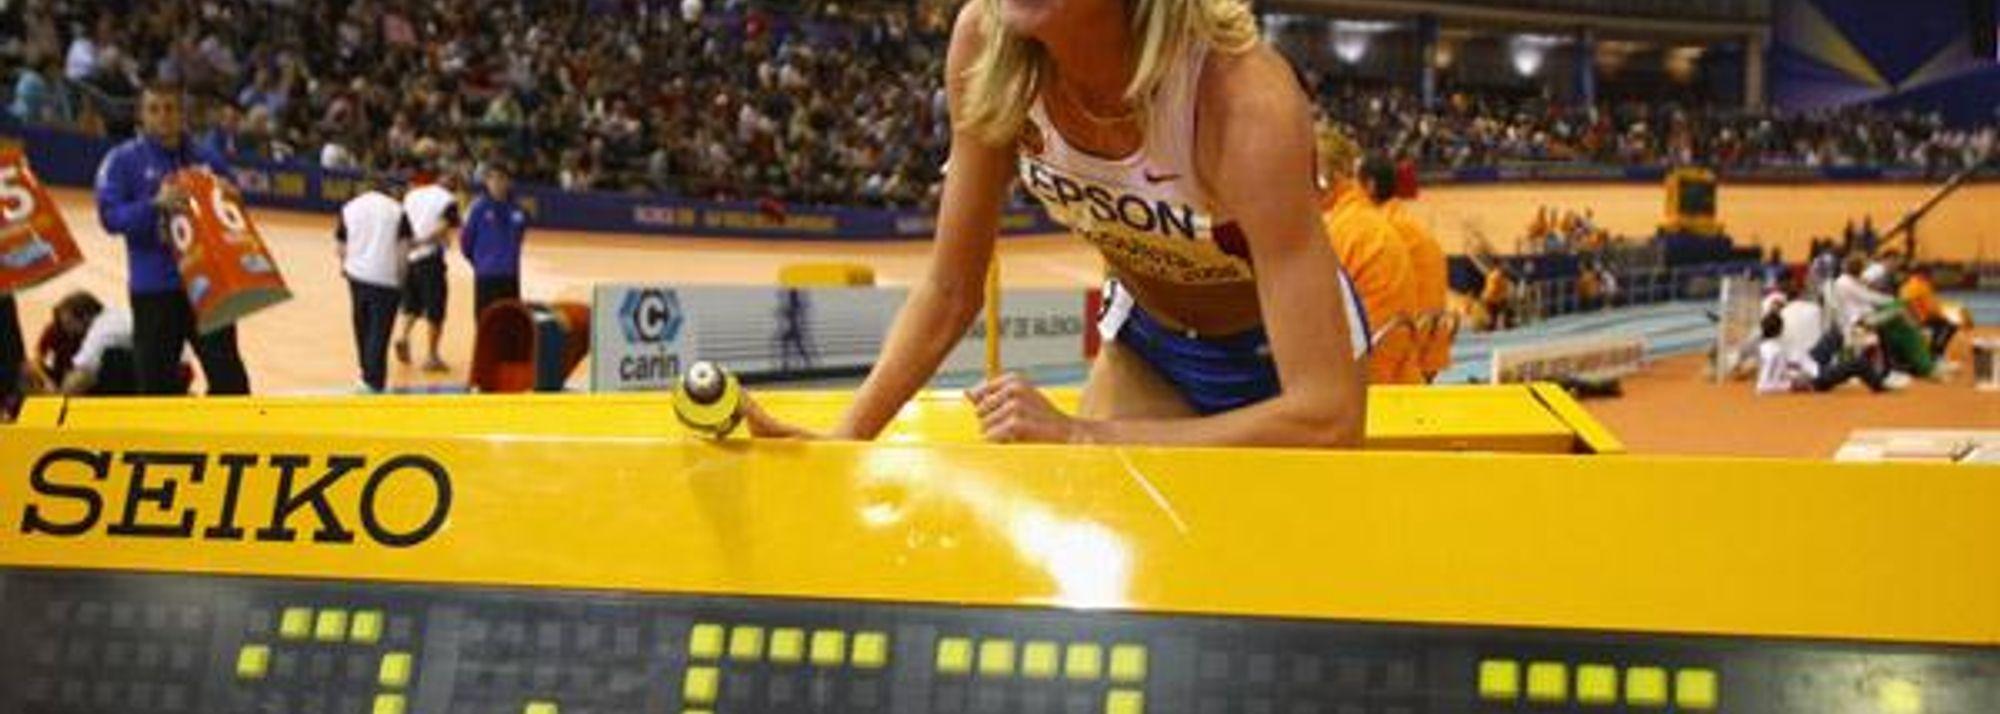 pain - For Yelena Soboleva, tonight's 1500m World record came only as a bonus. </P>